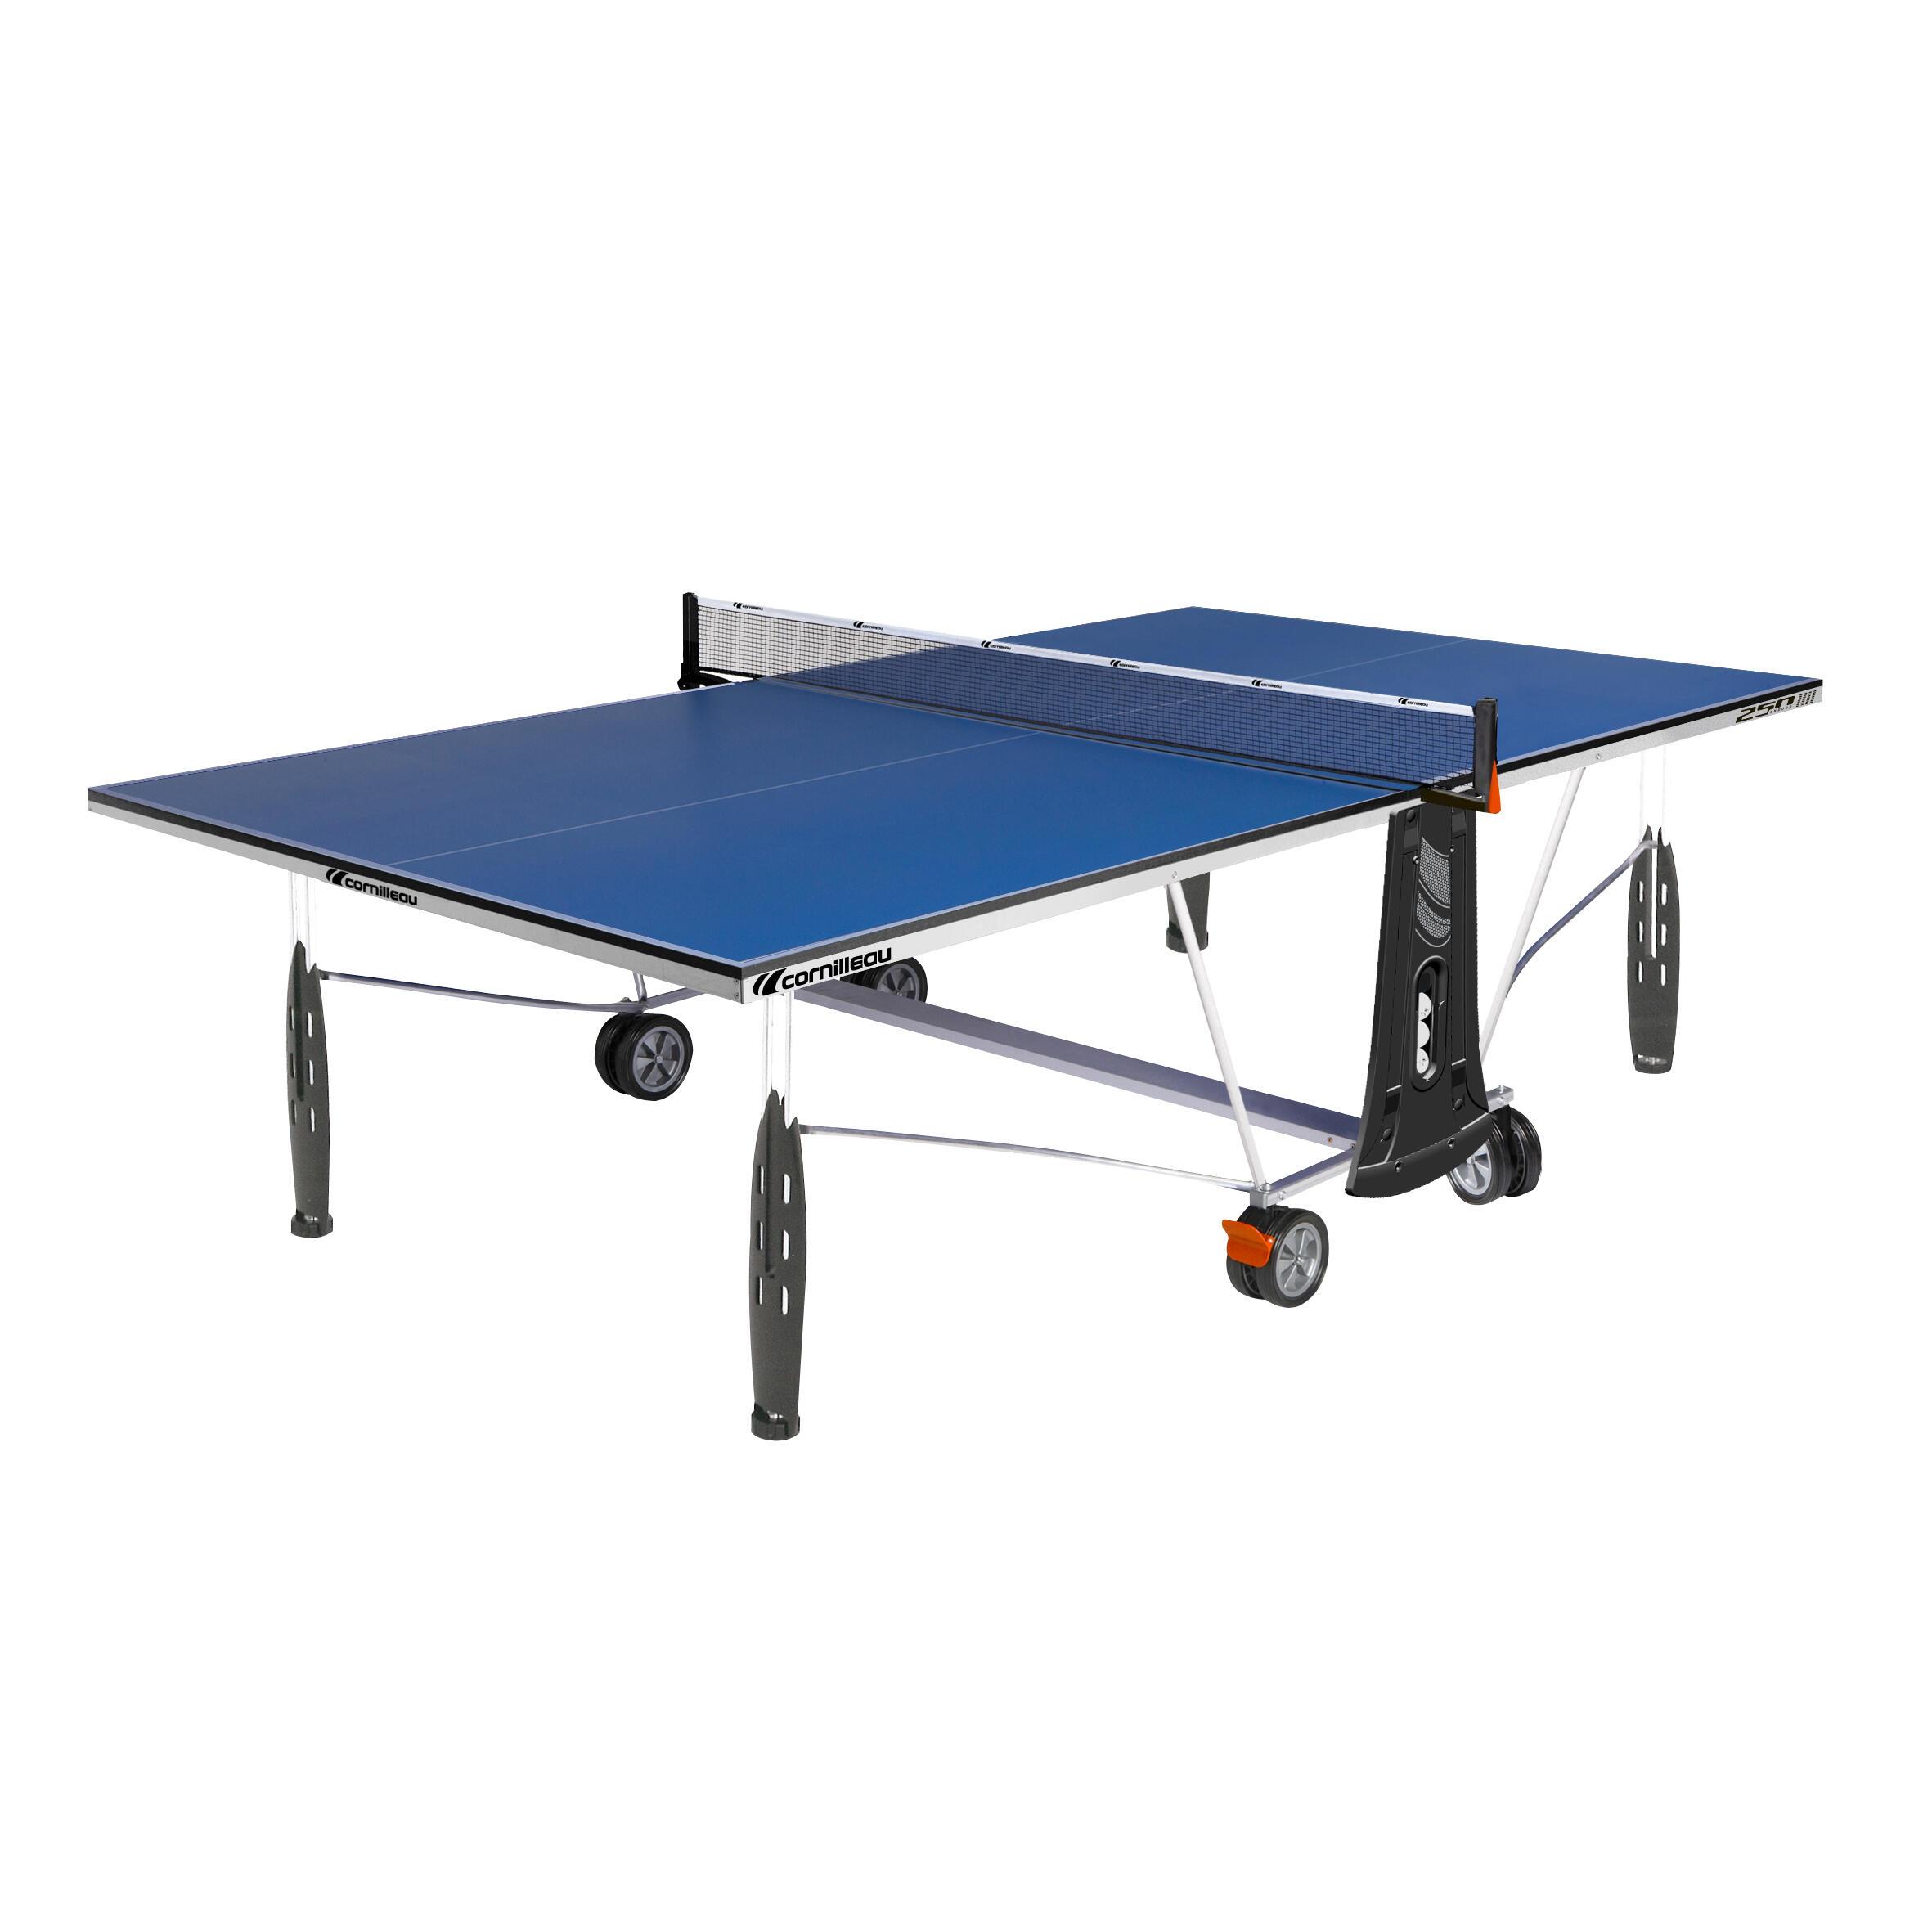 Cornilleau Tafeltennistafel / pingpongtafel 250 indoor blauw kopen